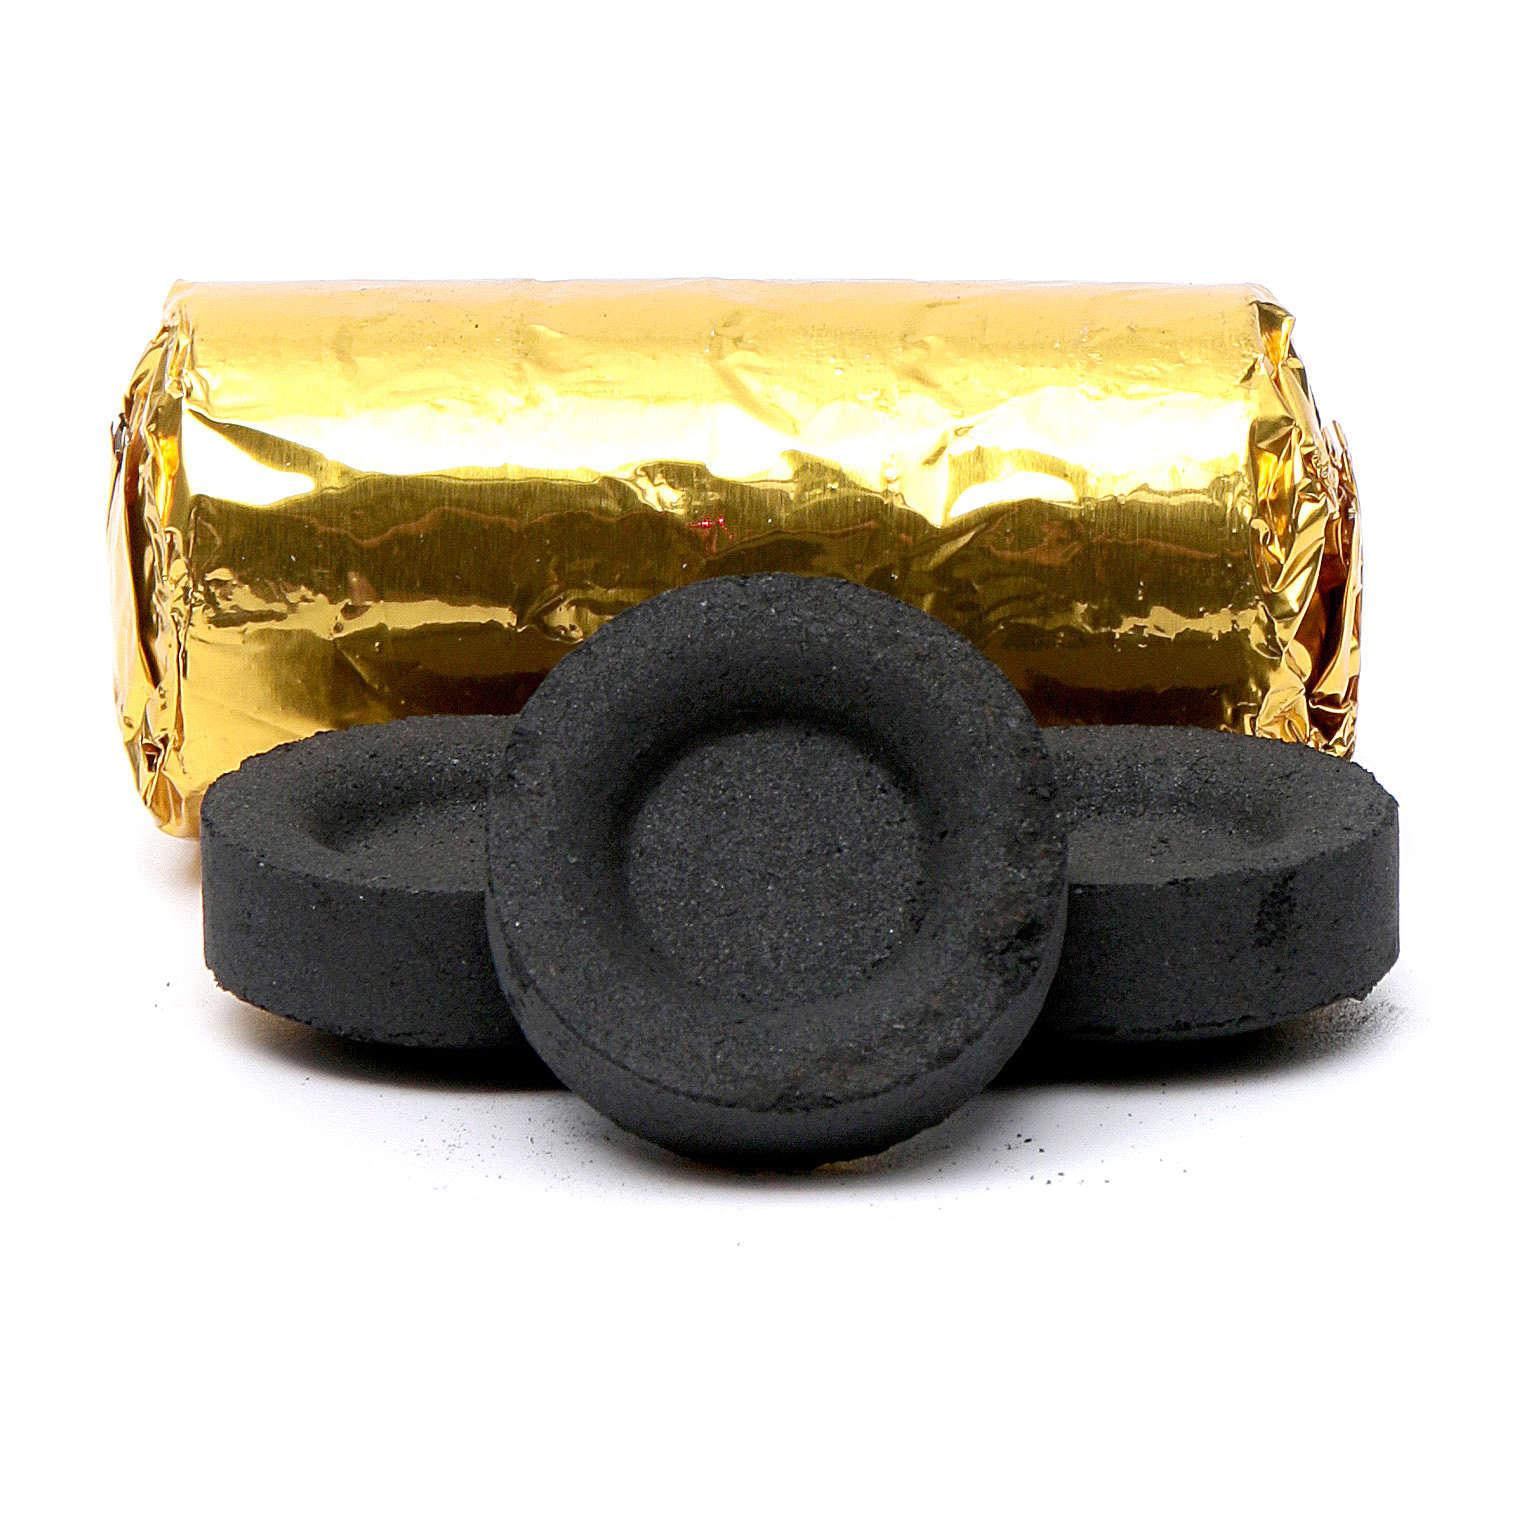 Carvão para incenso grego diâm. 3,3 cm 120 peças 50 min 3